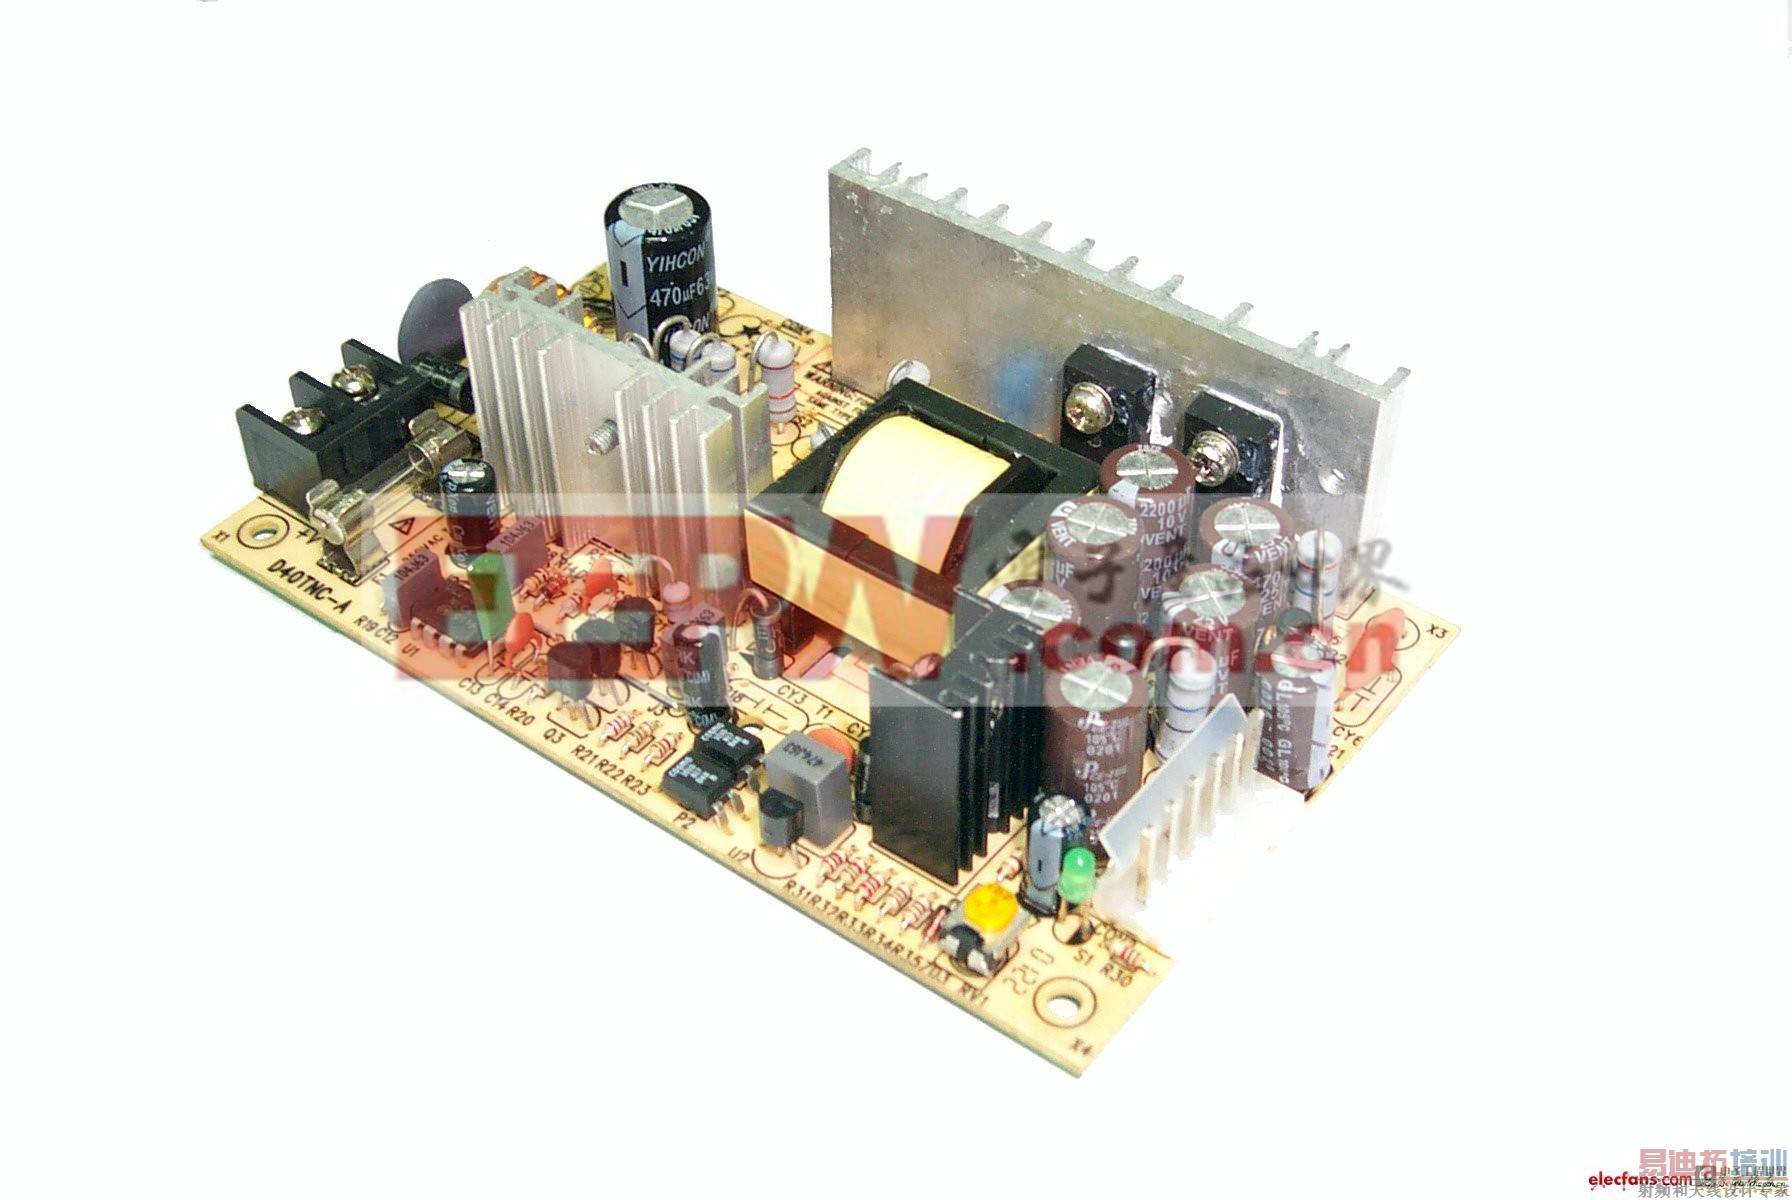 开关电源的布局   开关电源是利用现代电力电子技术,控制开关管开通和关断的时间比率,维持稳定输出电压的一种电源,开关电源一般由脉冲宽度调制(PWM)控制IC和MOSFET构成。   当设计高频开关电源时,布局非常重要。良好的布局可以解决这类电源的许多问题。因布局而出现的问题,通常在大电流时显现出来,并且在输入和输出电压之间的压差较大时更加明显。一些主要的问题是在大的输出电流和/或大的输入/输出电压差时调节能力的下降,在输出和开头波形上的额外噪声,以及不稳定性。应用下面的几个简单原则就可以把这类问题最